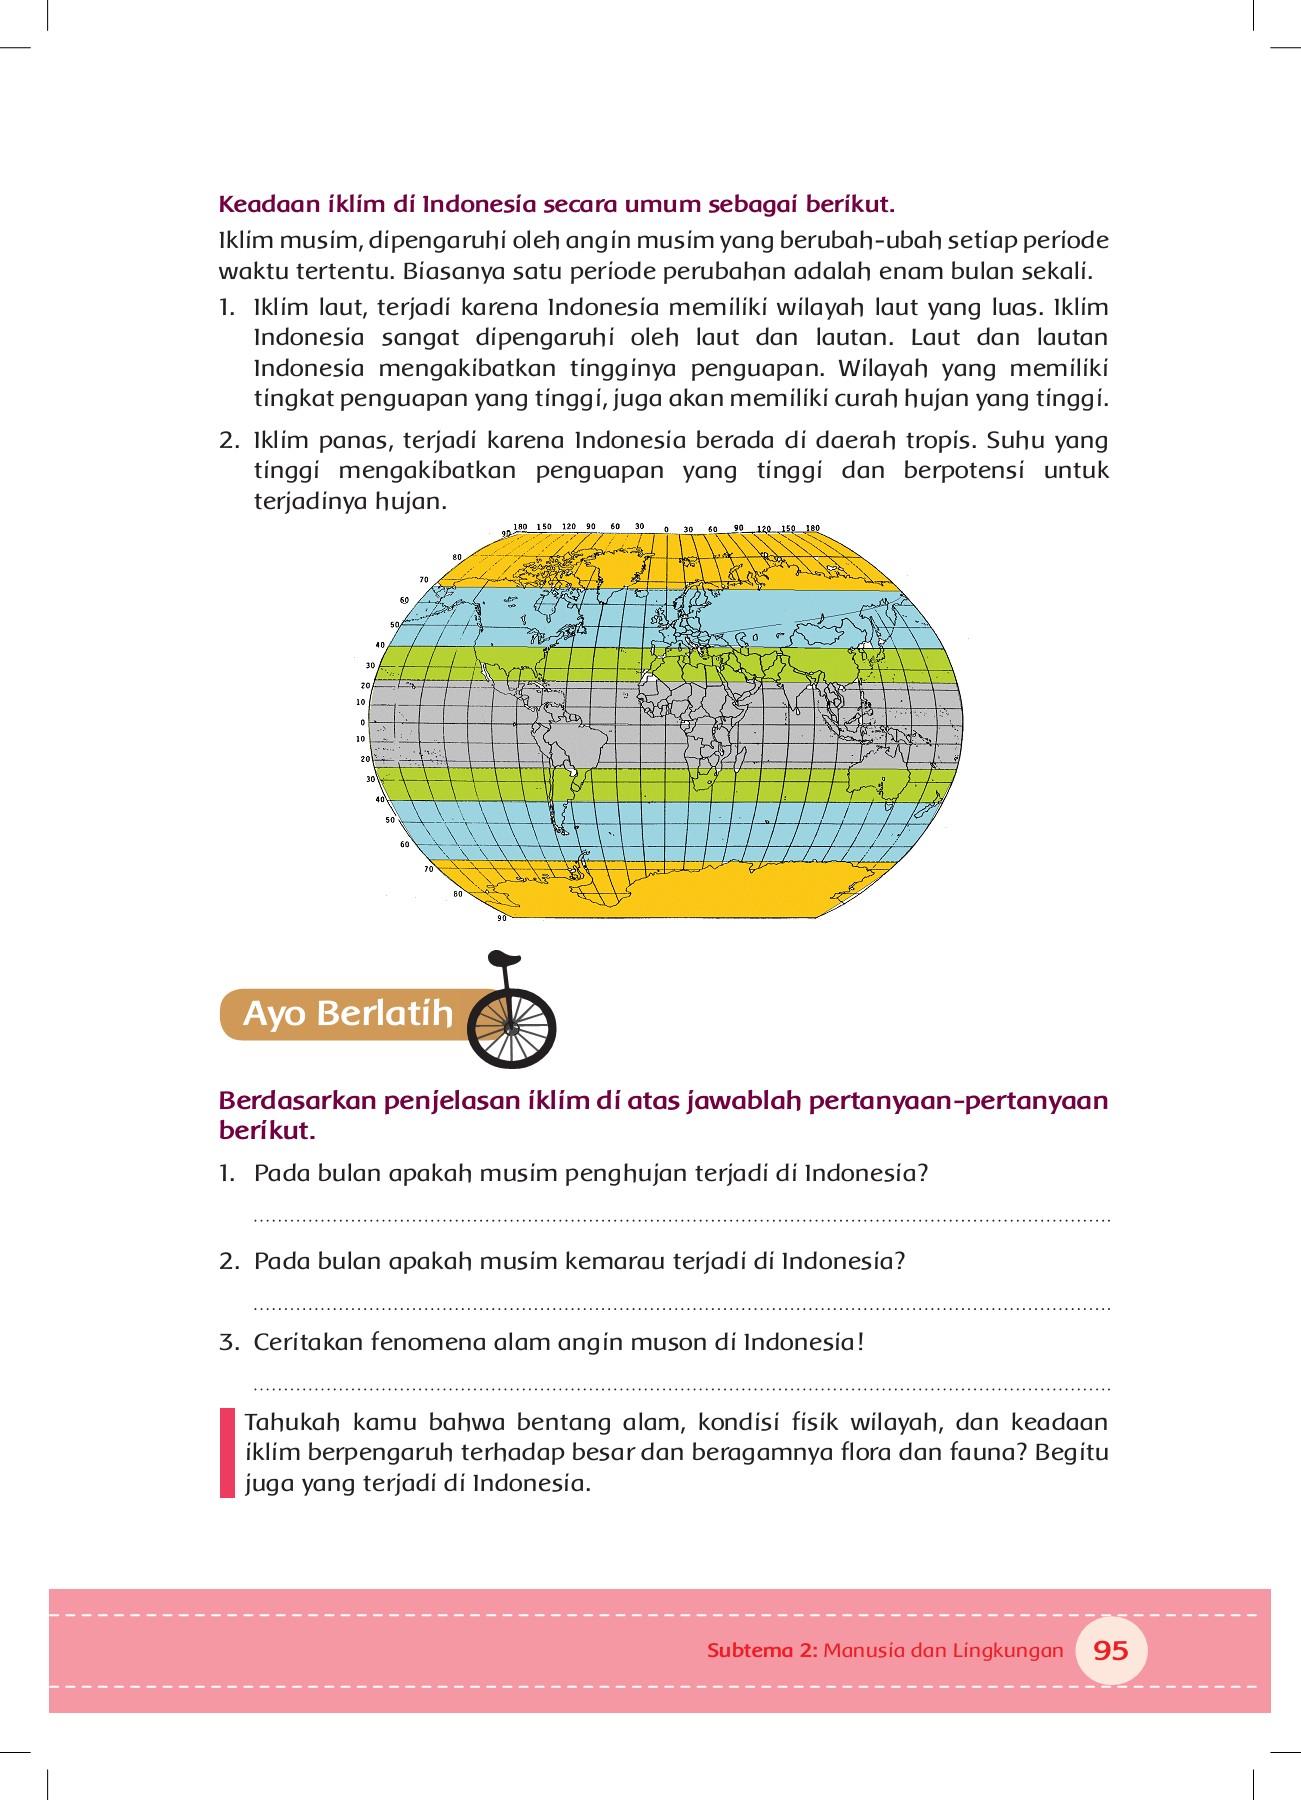 Pada Bulan Apakah Musim Penghujan Terjadi Di Indonesia : bulan, apakah, musim, penghujan, terjadi, indonesia, Kelas, Pages, Download, FlipHTML5